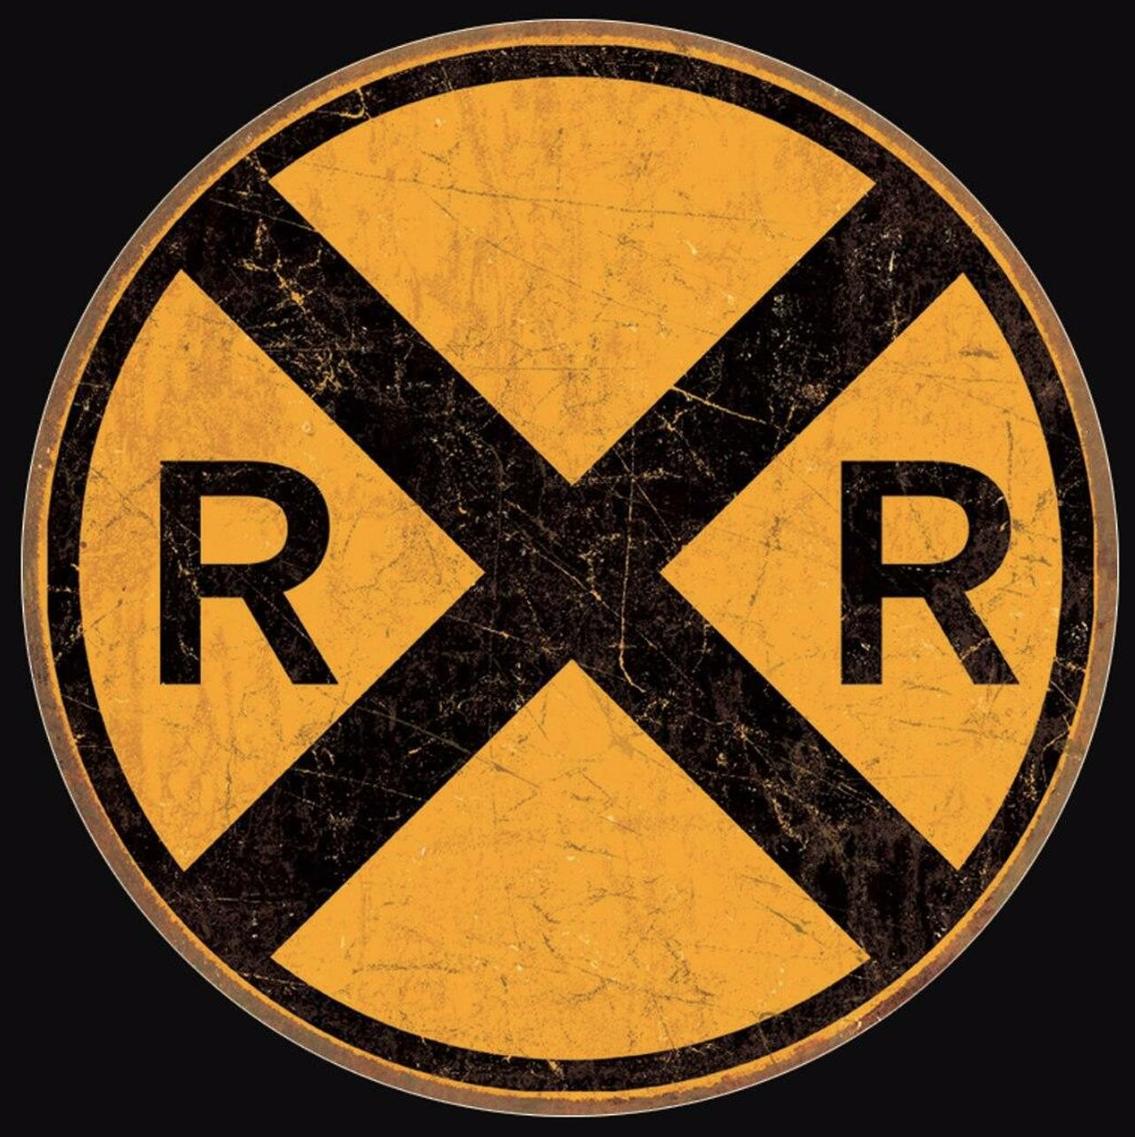 Desperate Enterprises Rail Road Crossing - Round - Tin